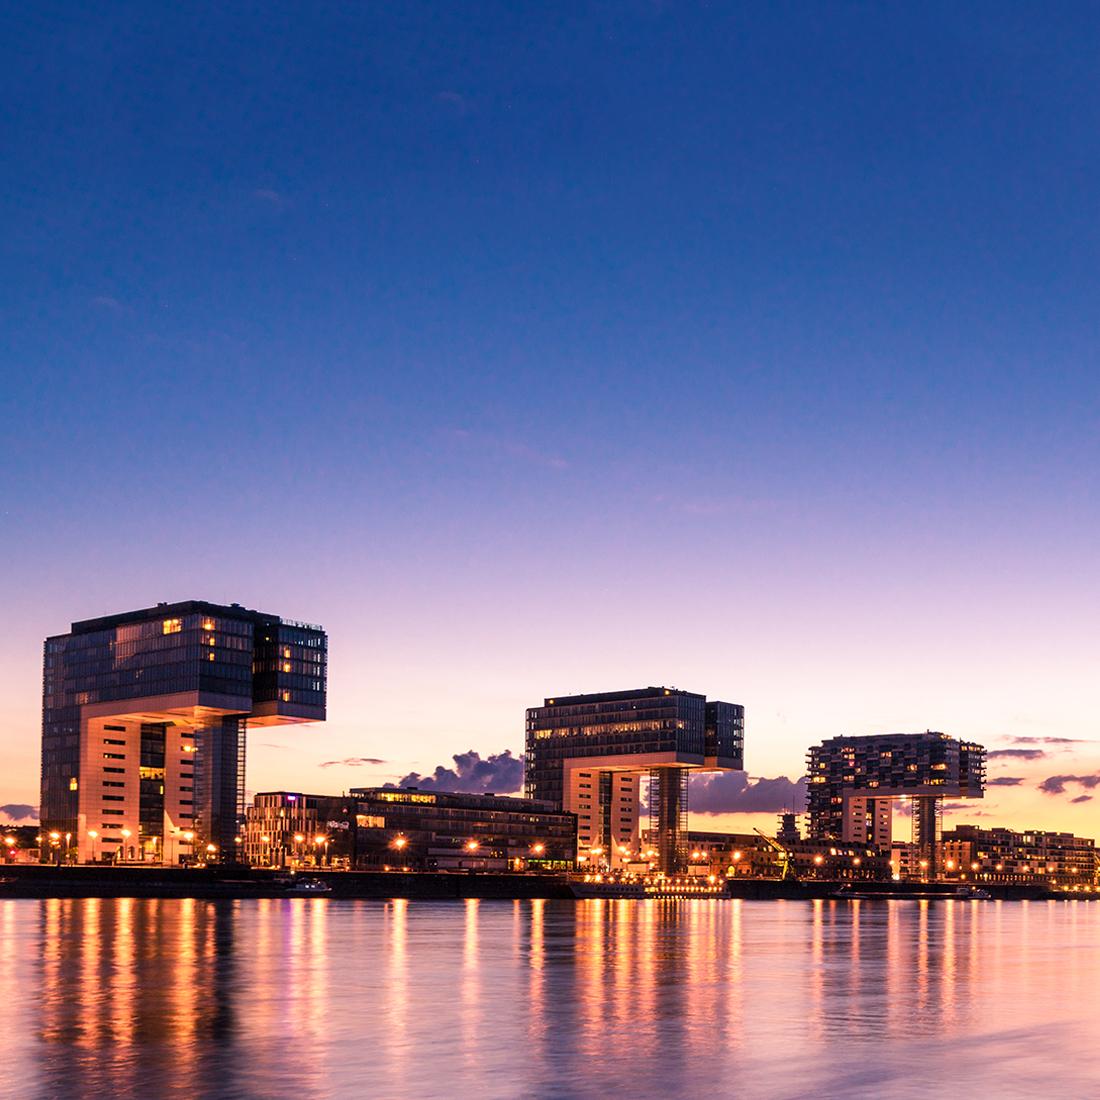 Das Dental Experience Center befindet sich in den prestigeträchtigen Kranhäusern im Herzen des Kölner Rheinauhafens